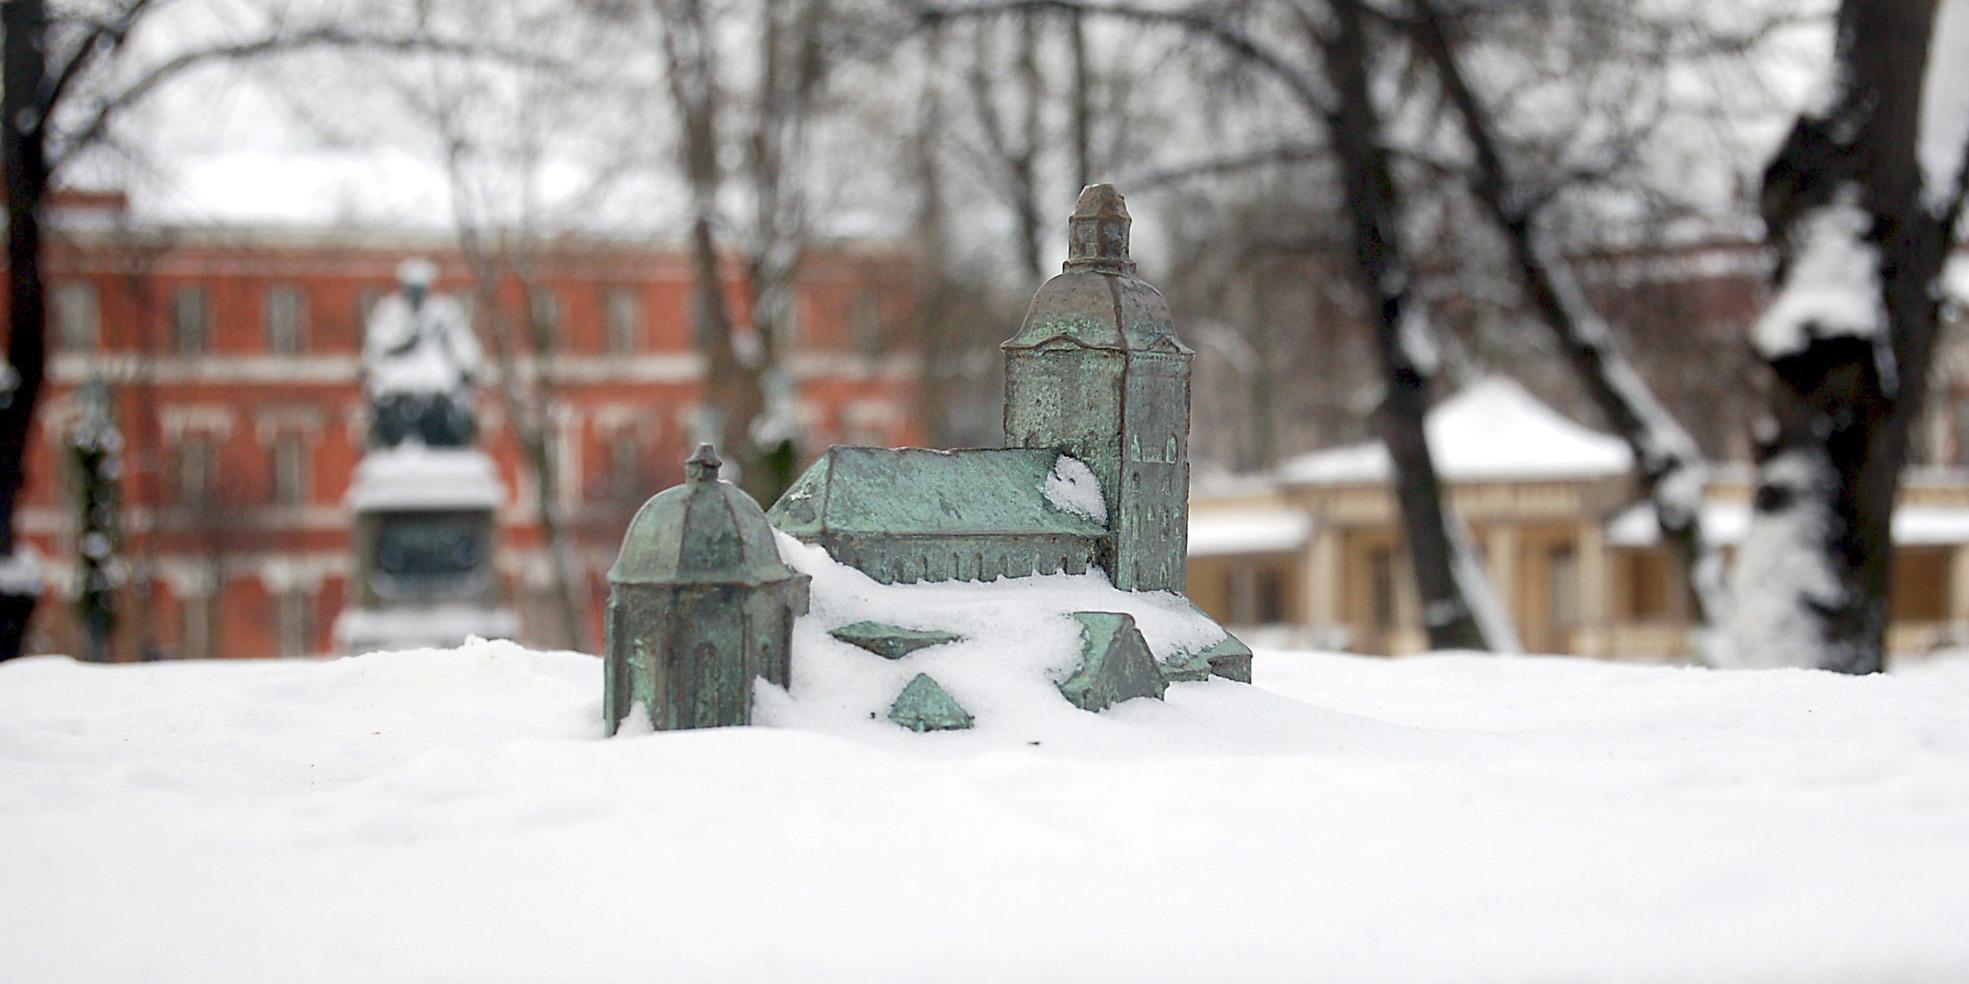 Pieni pronssinen veistos kirkkorakennuksesta puistossa, talvinen kuva.